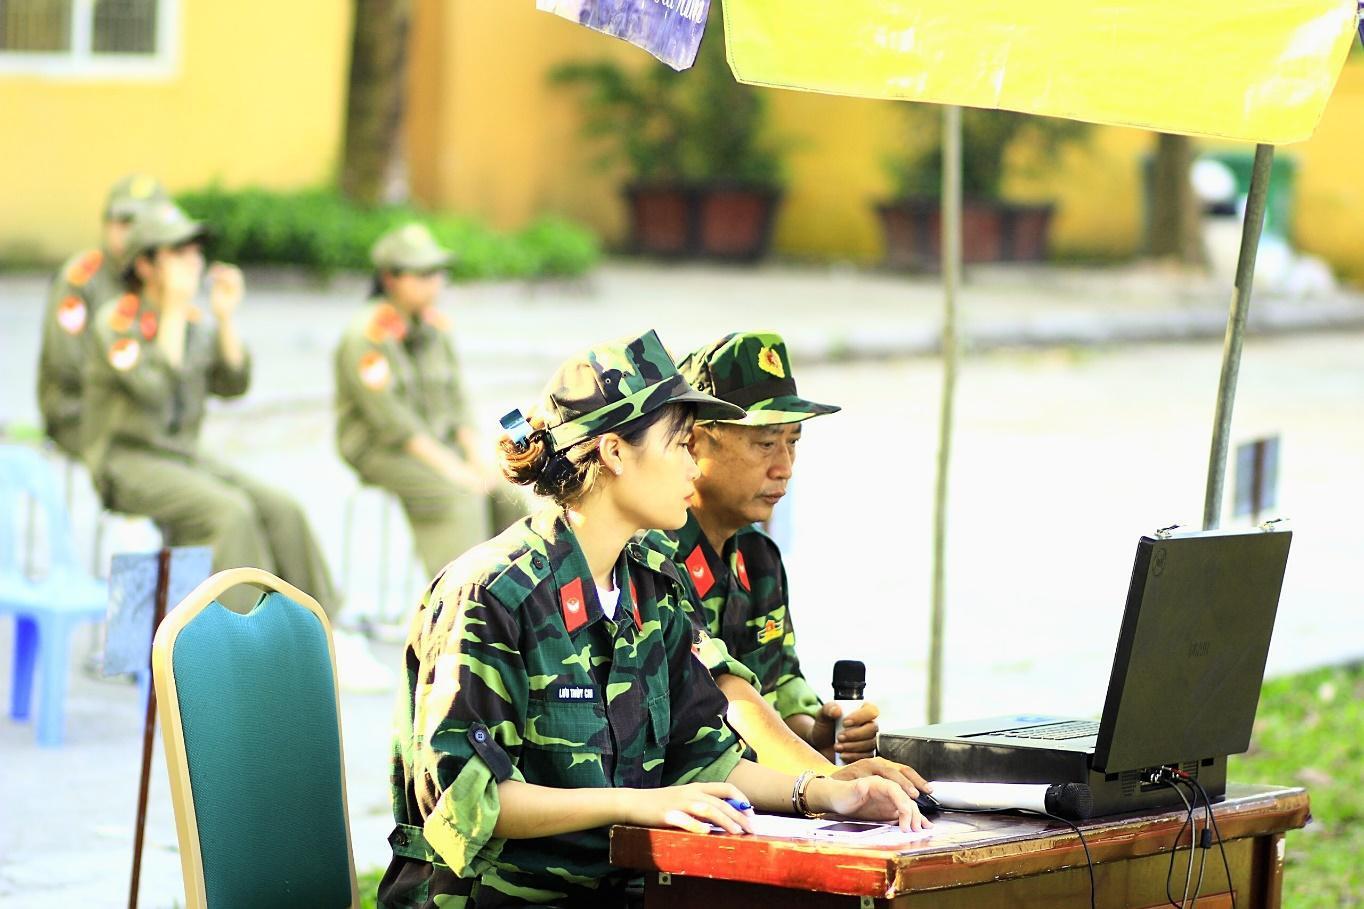 Nữ giảng viên quân sự dịu dàng chia sẻ về tình yêu màu xanh áo lính - 1